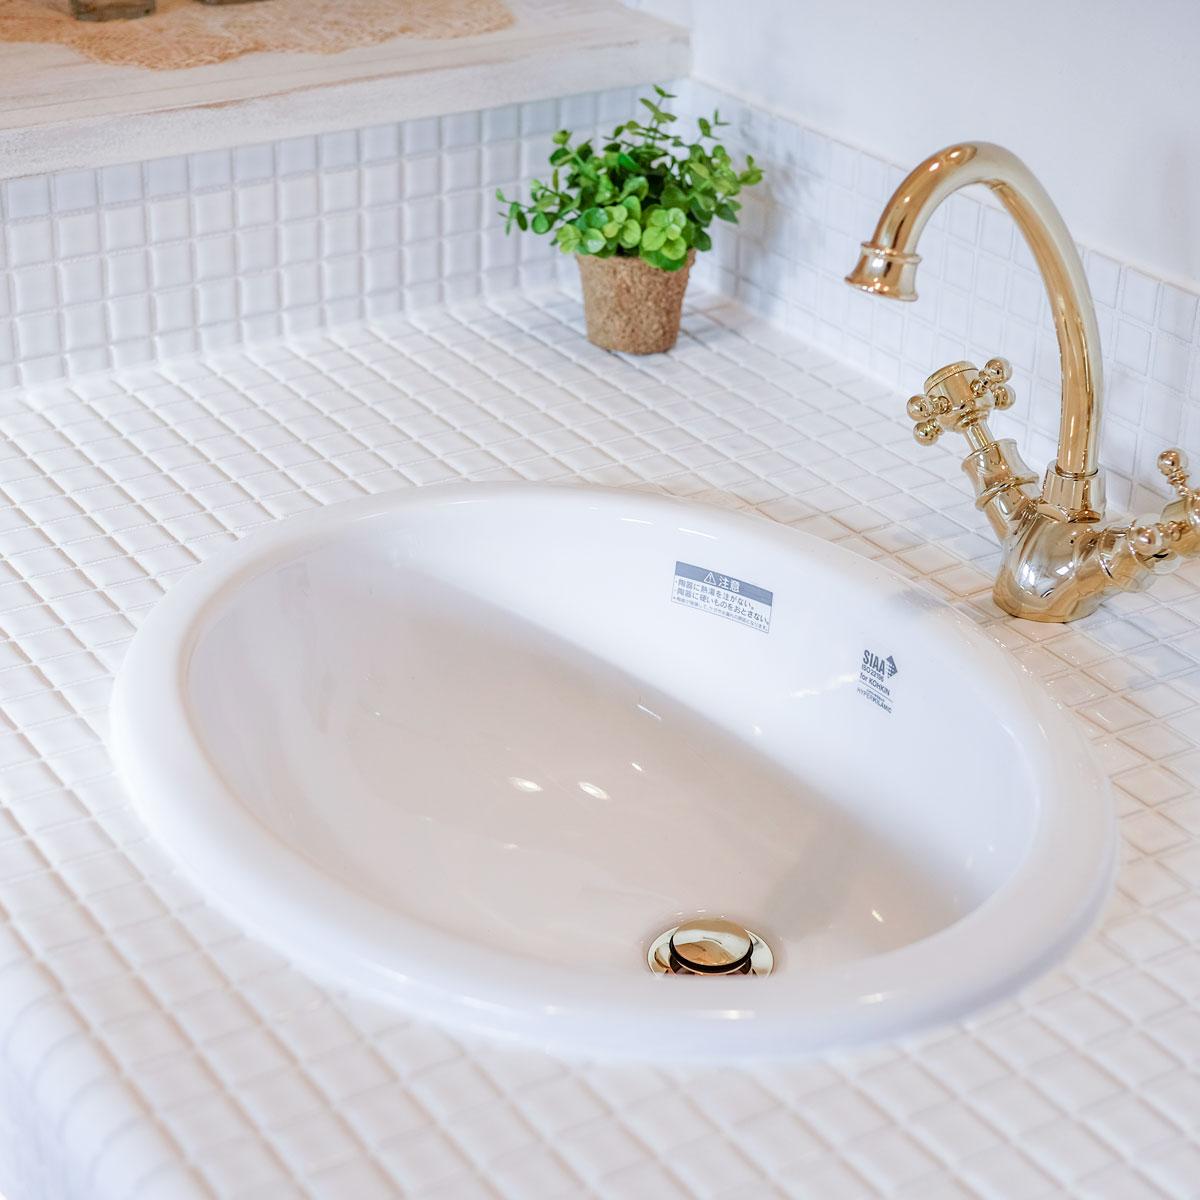 真っ白なタイルで清潔感のあるフレンチスタイルの洗面台